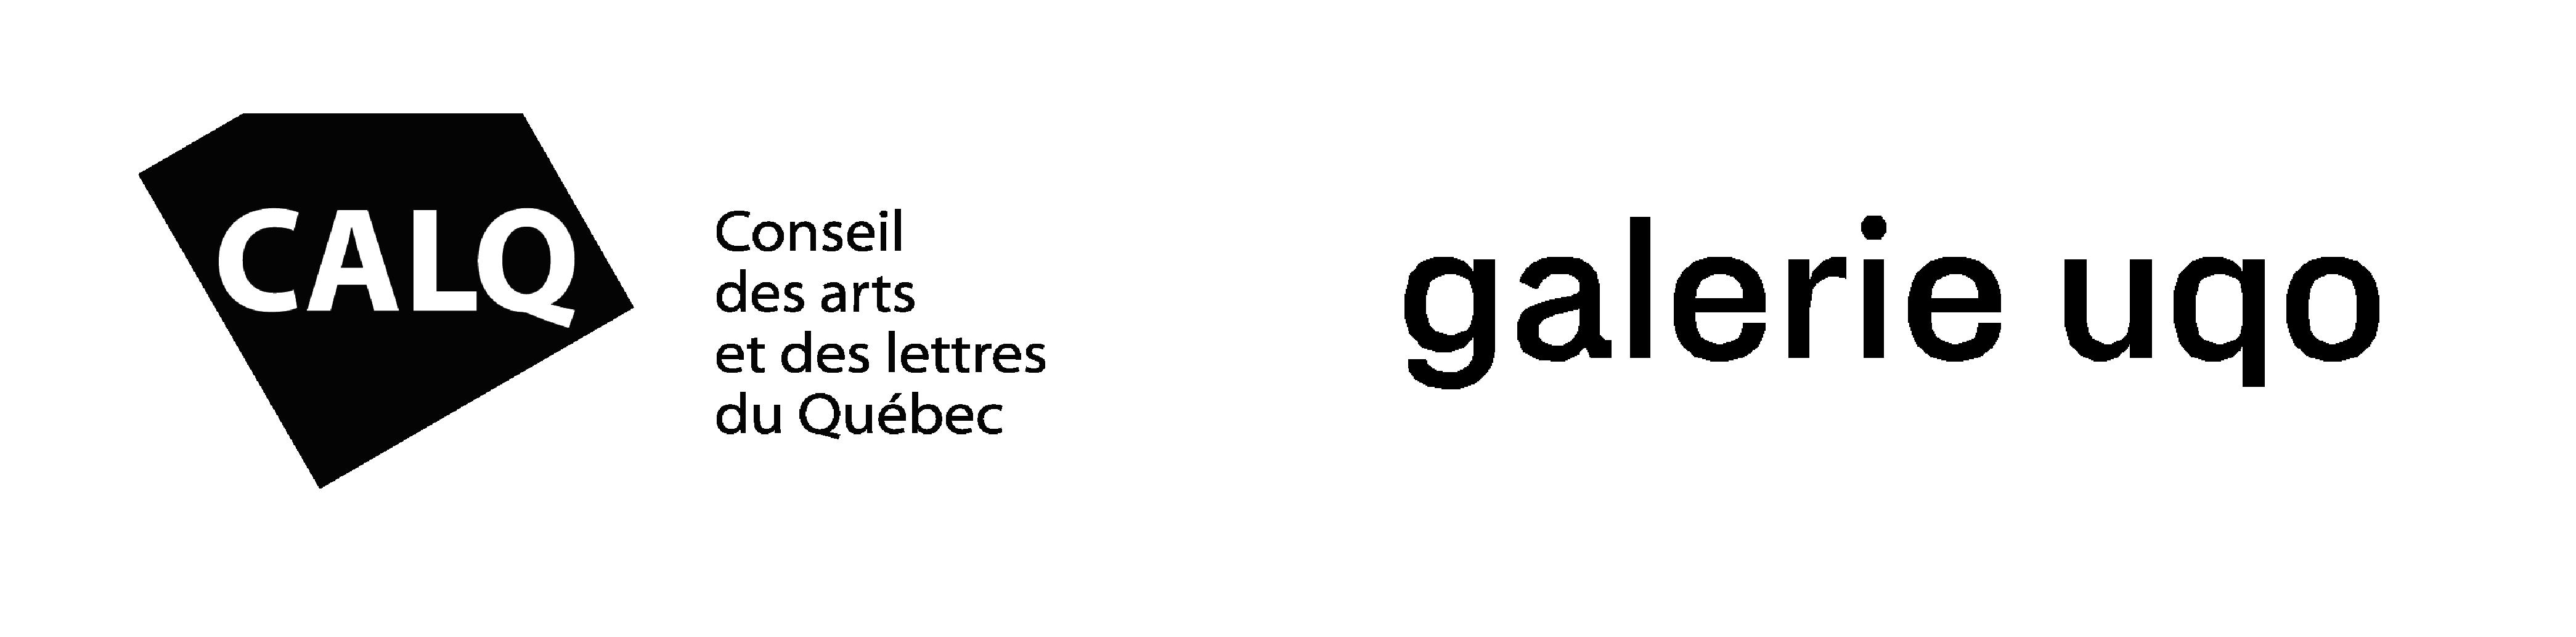 CALQ et uqo logo